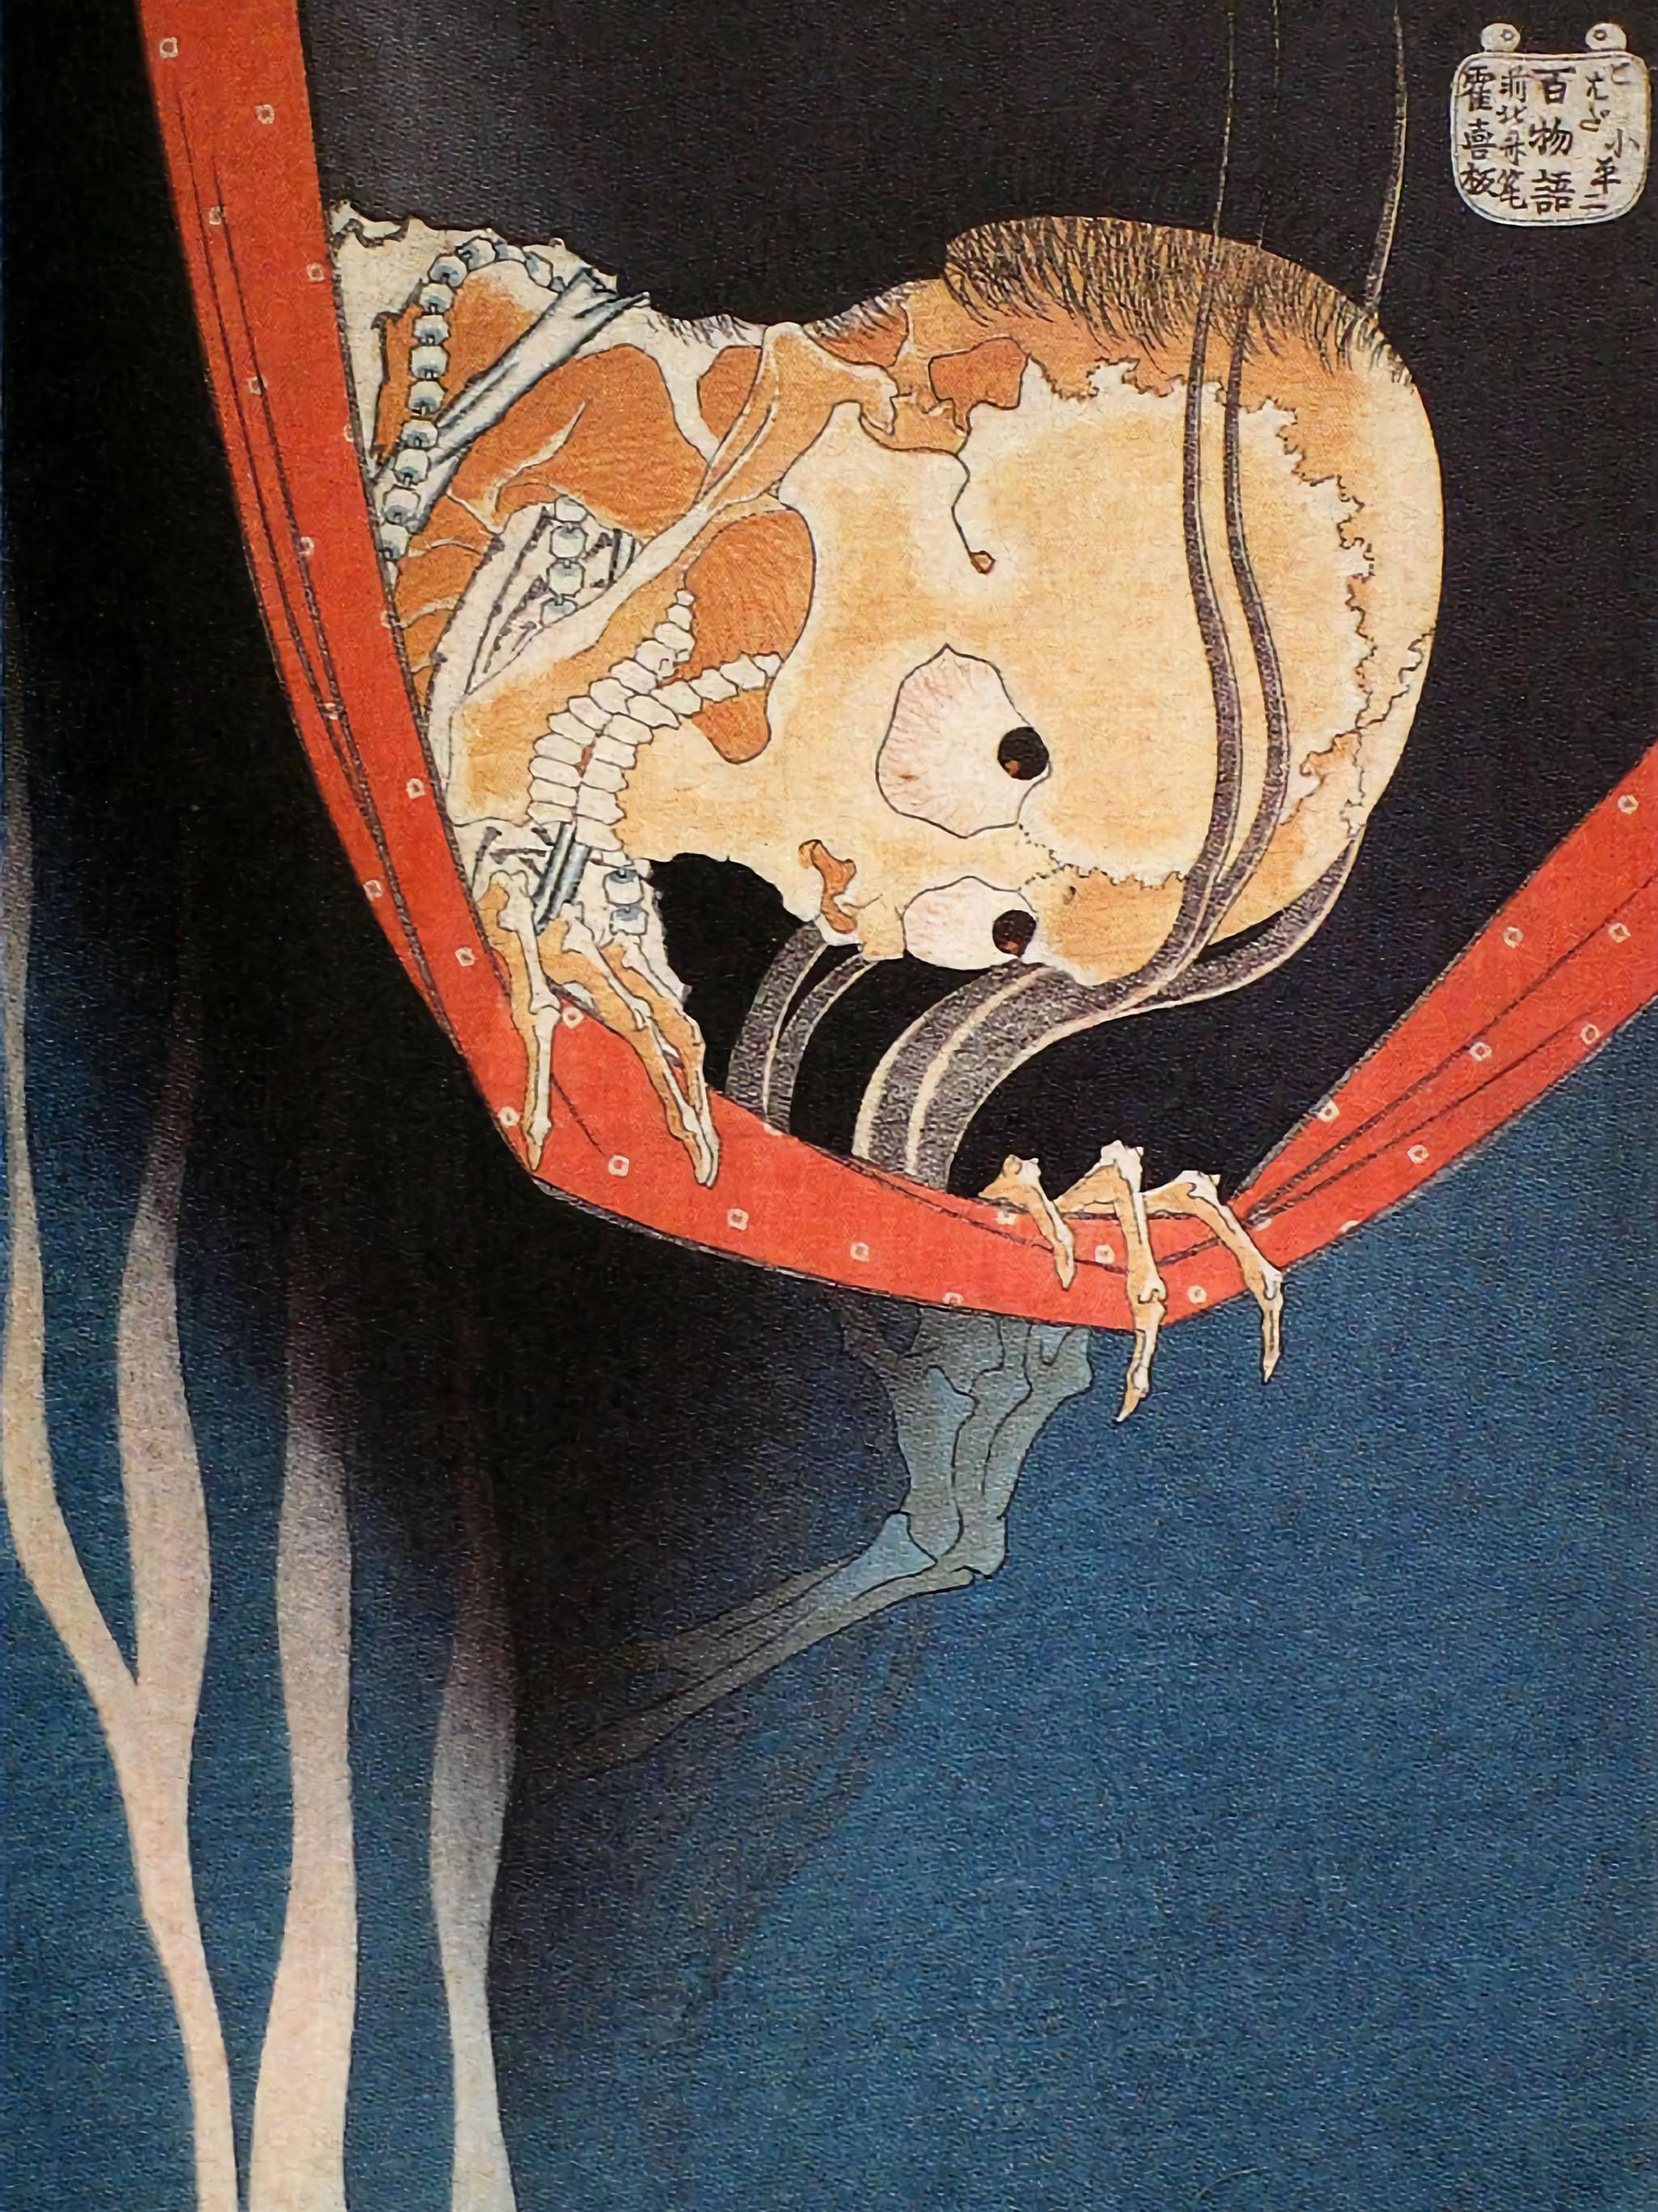 Katsushika Hokusai - Hyaku monogatari kohadakoheiji 2048x2732